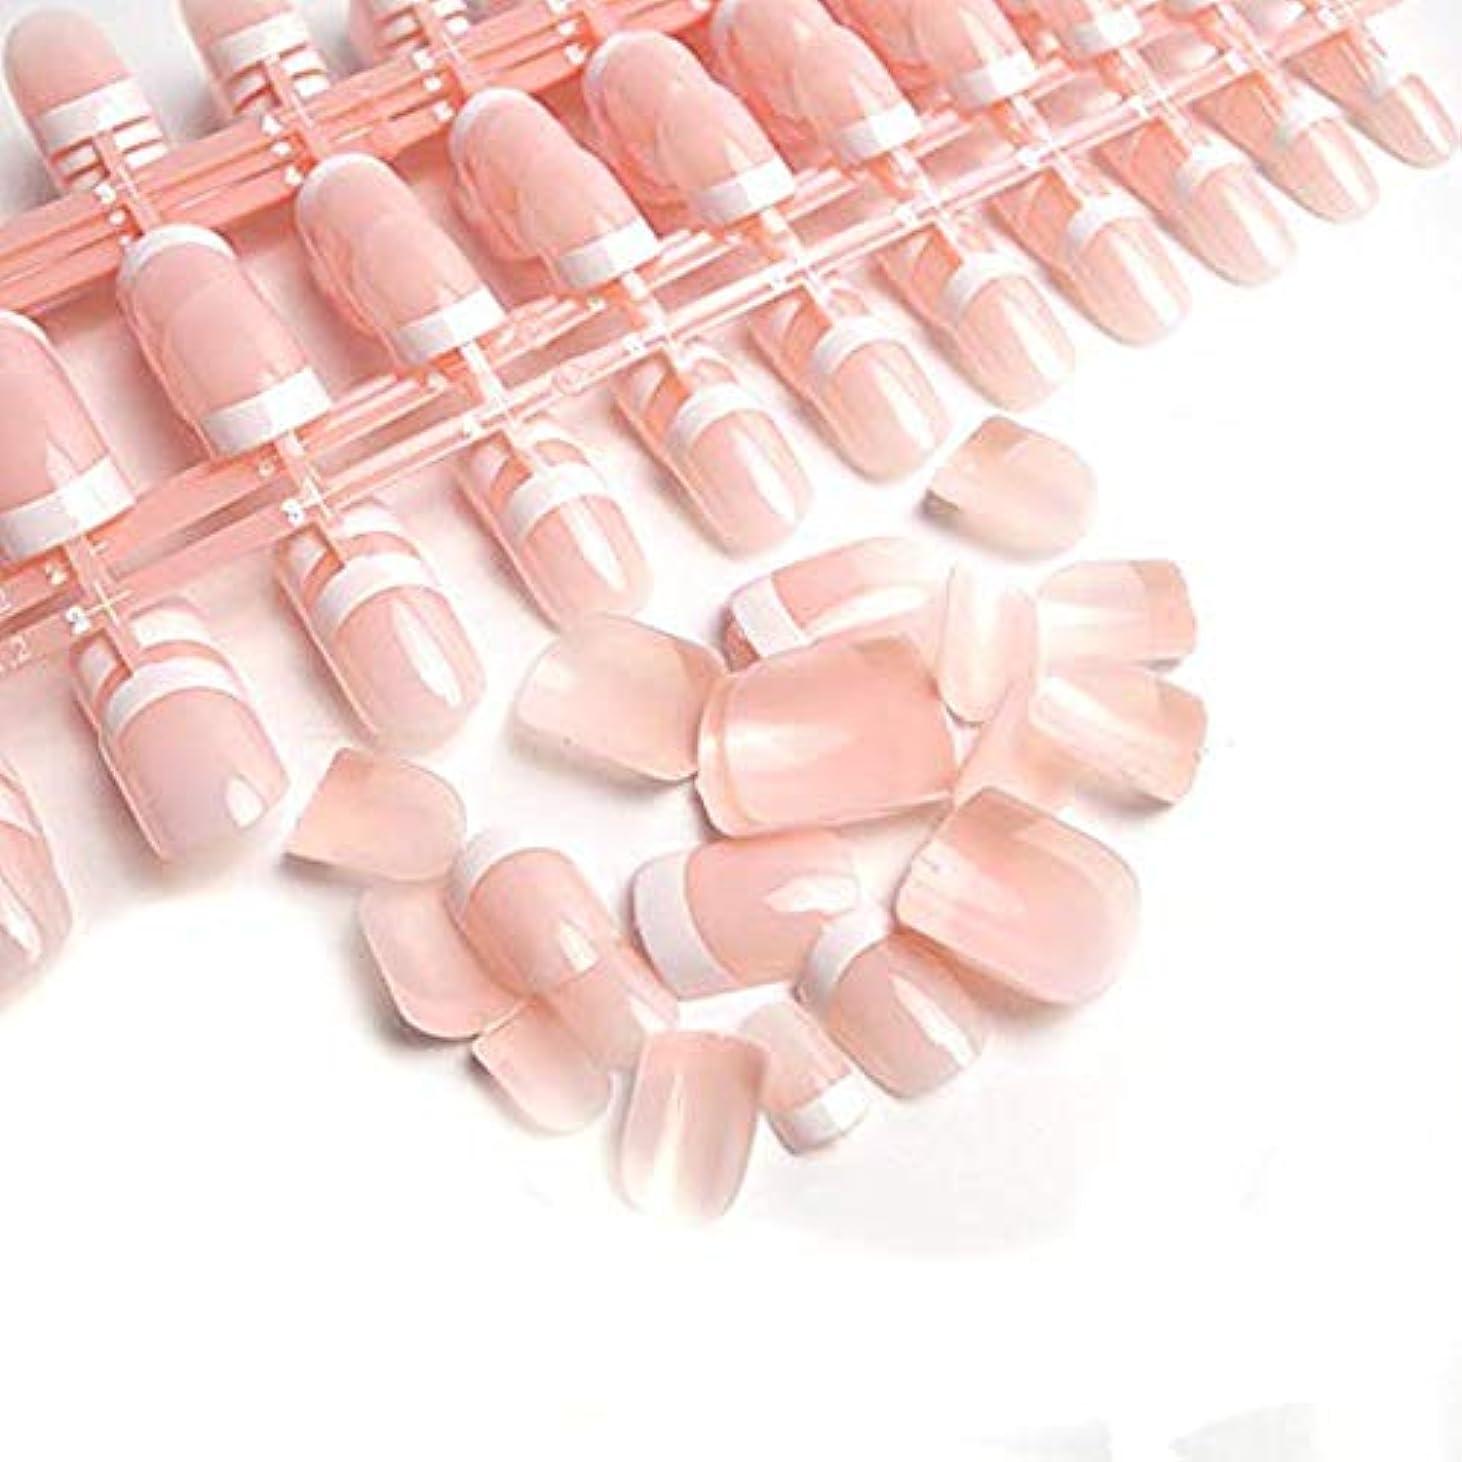 家族テクスチャー略すネイルチップ 240枚 フレンチ 無地 ピンク 可愛い ショートネイルチップ 形